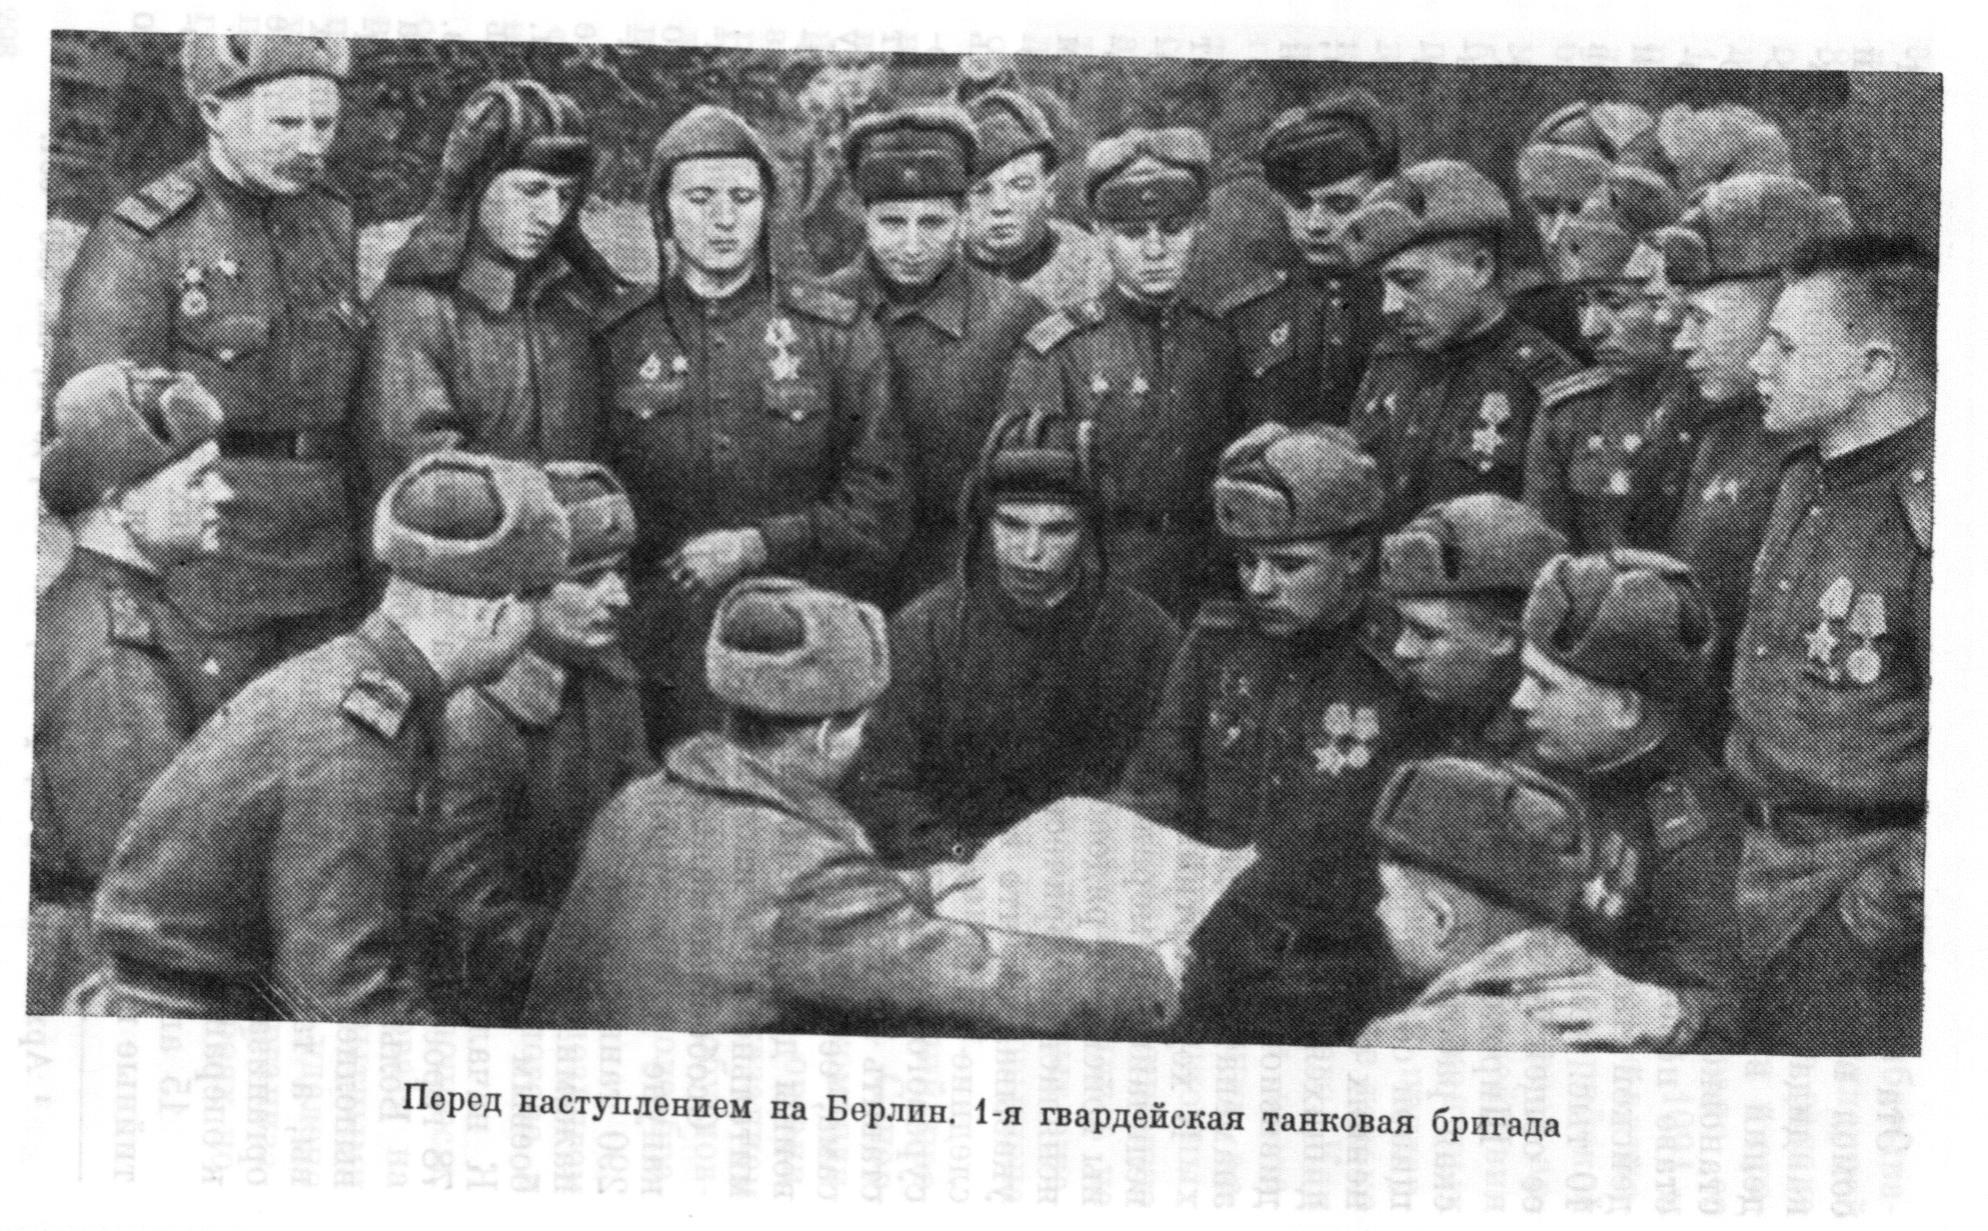 Т-34-76 со знаменем 17-й гв тбр проходит ул московской